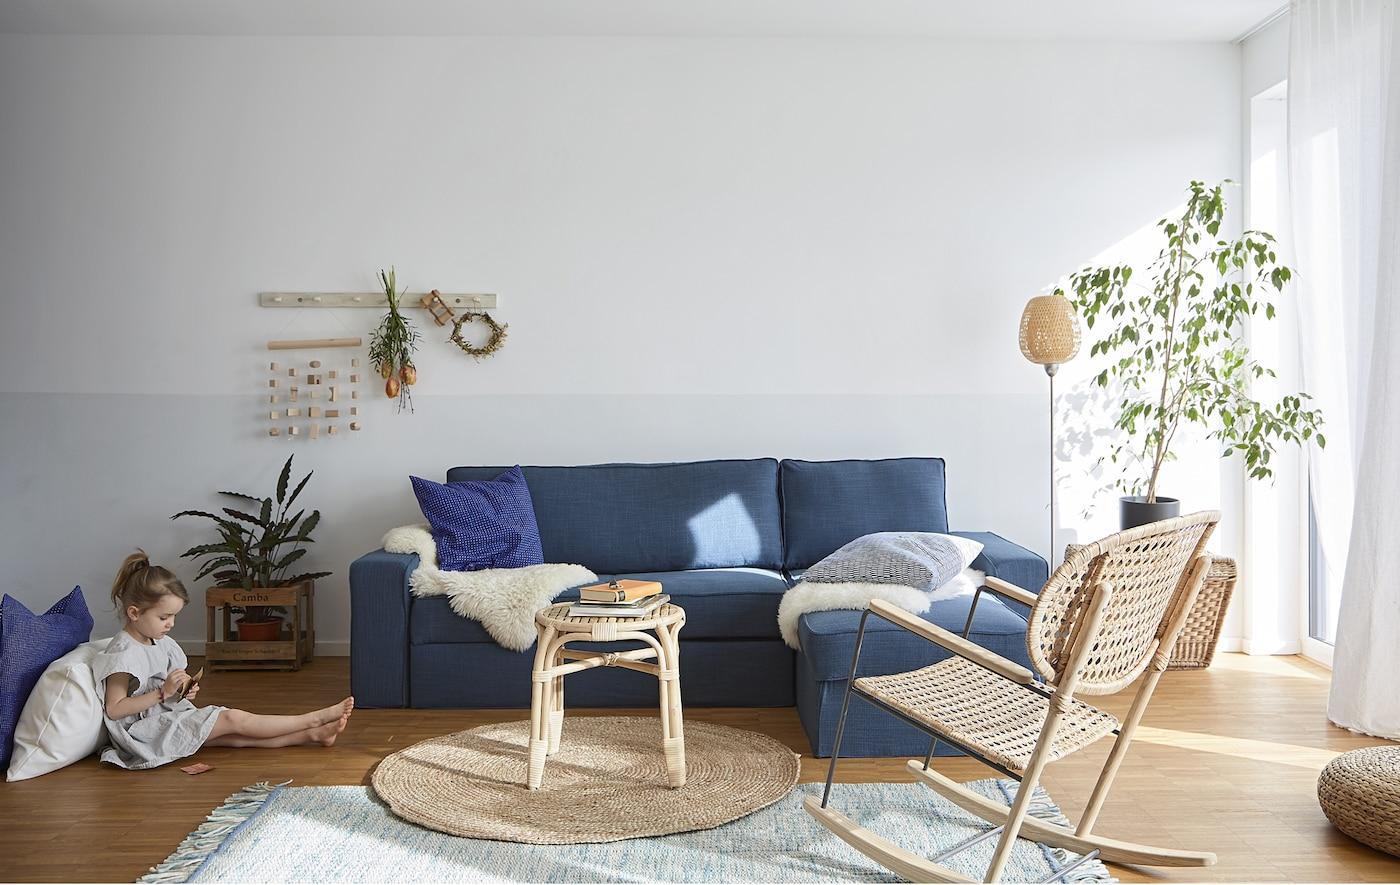 Un soggiorno con divano letto blu e mobili in rattan - IKEA